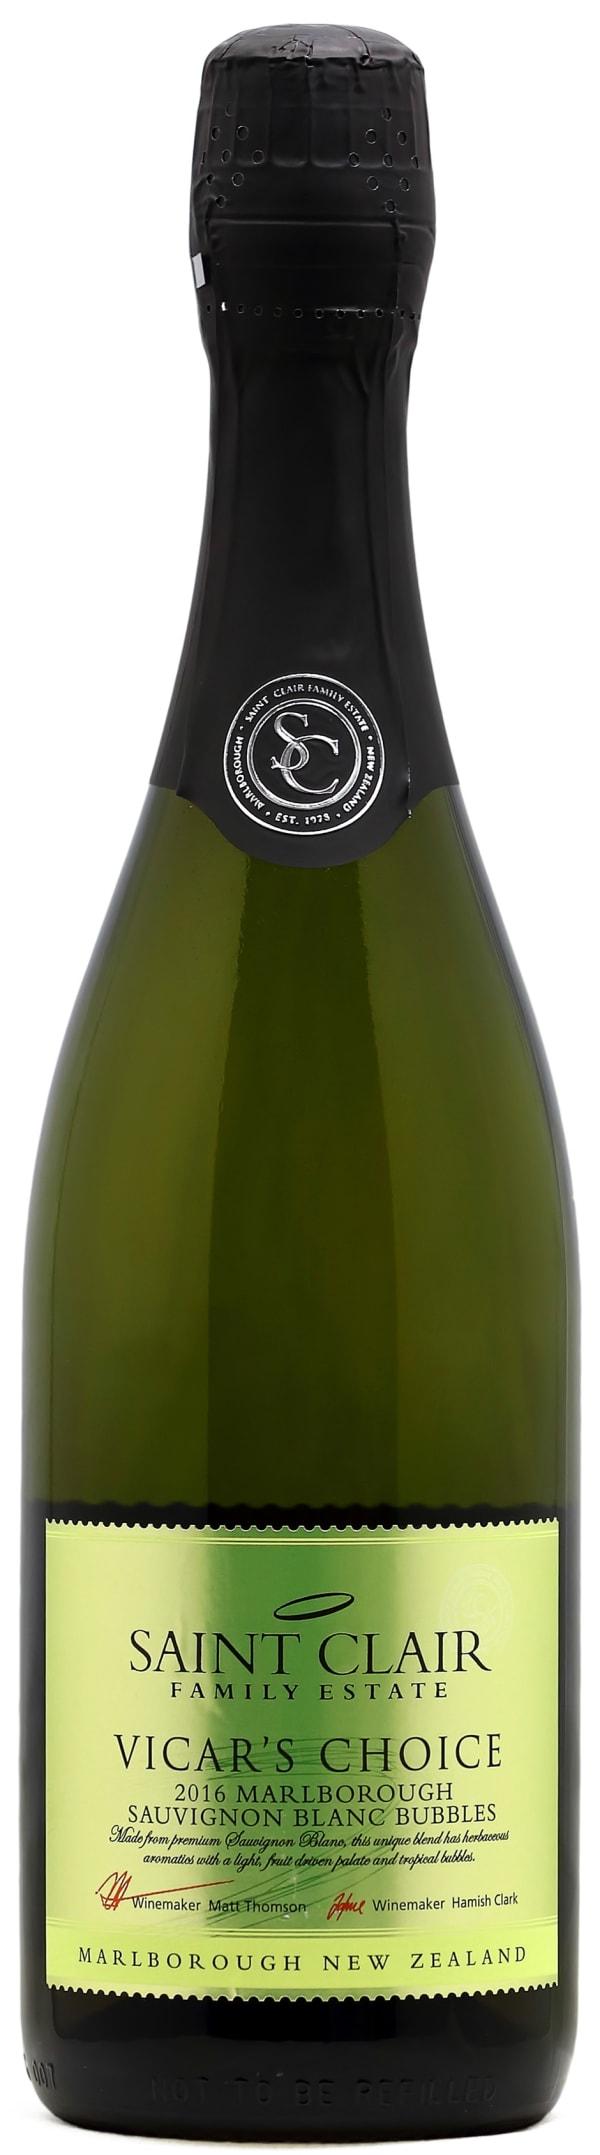 Saint Clair Vicar's Choice Sauvignon Blanc Bubbles Brut 2020